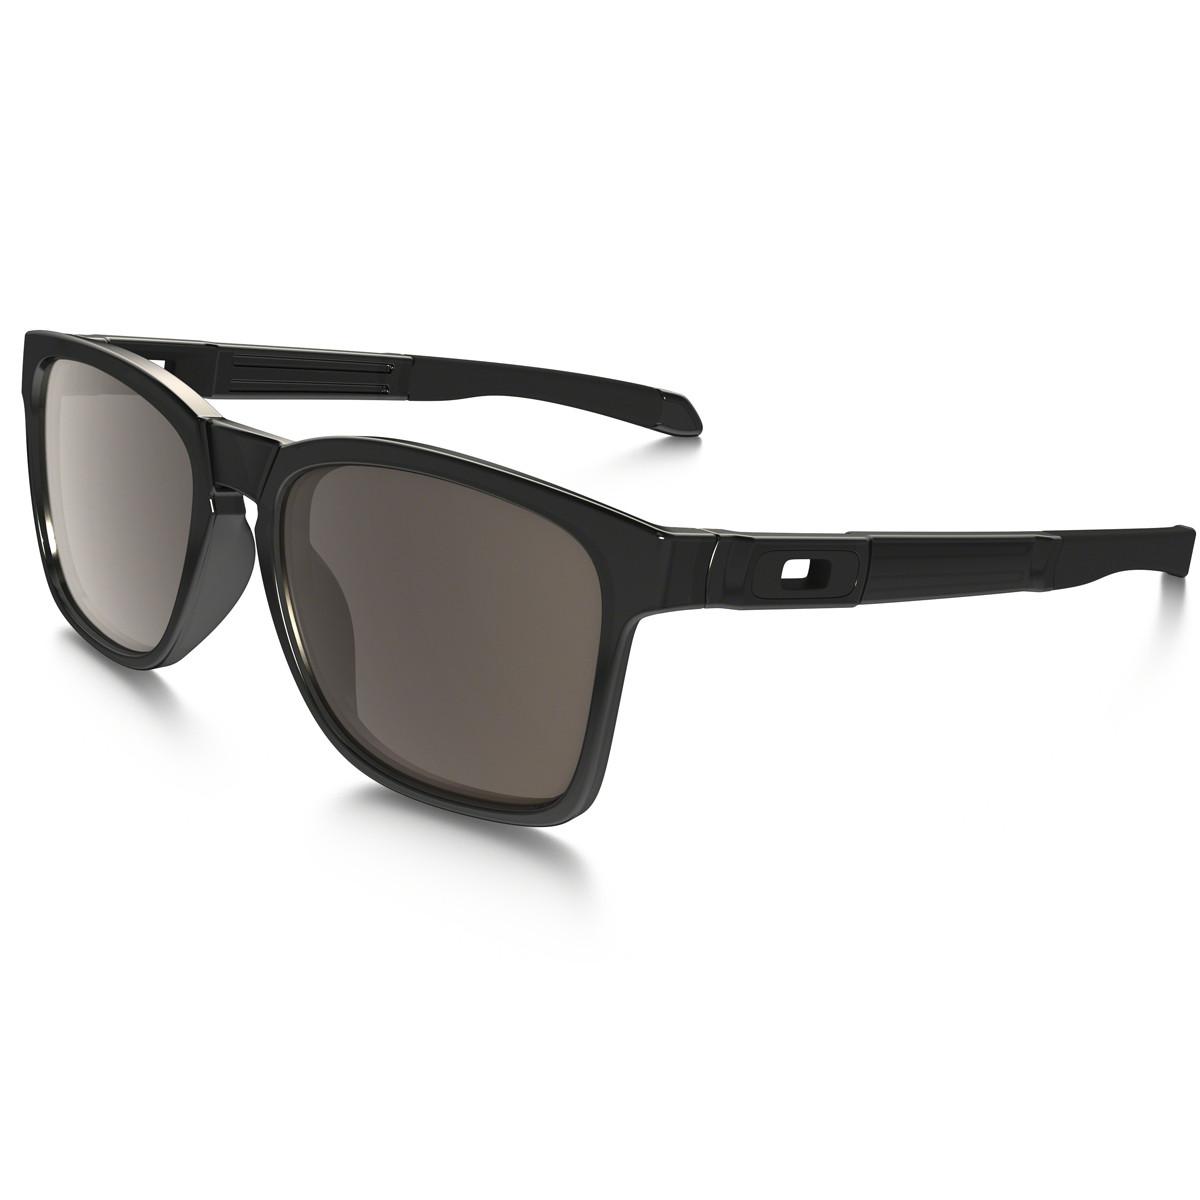 Óculos Oakley Catalyst Black Ink Lente Warm Grey ref OO9272-08 b0795368e3